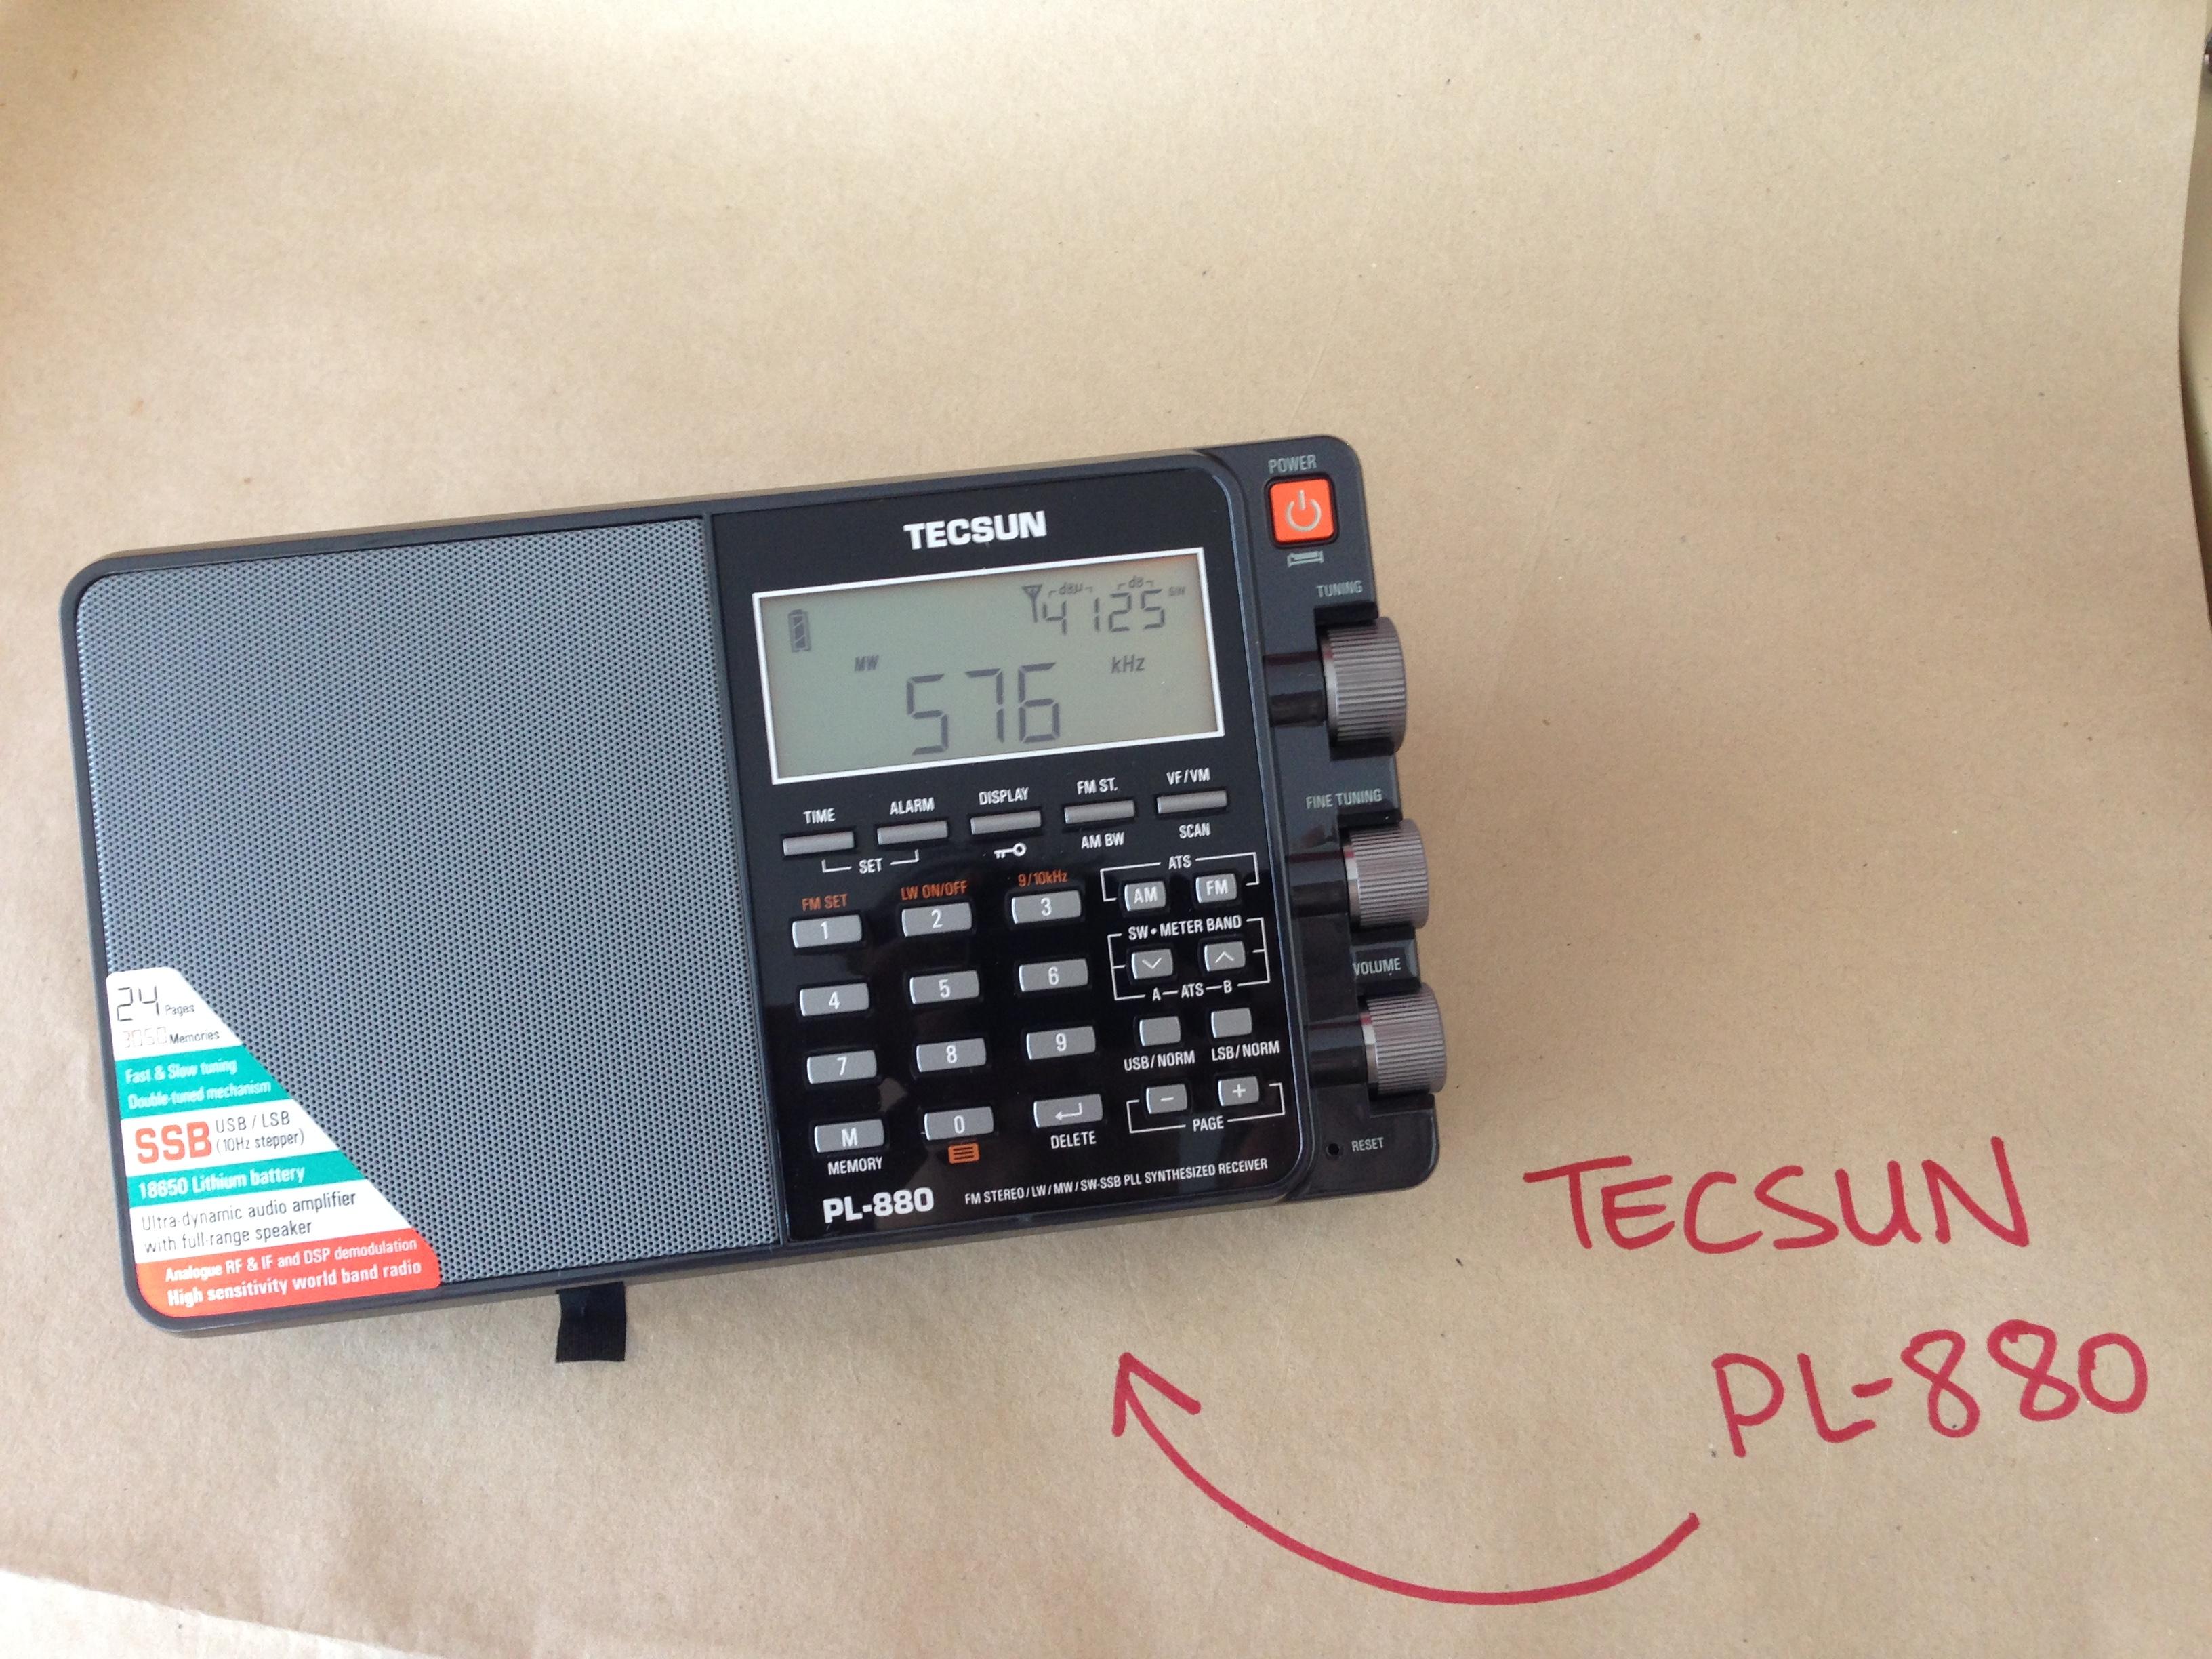 PL880 Radio Silicon Chip Magazine Review – TECSUN Radios